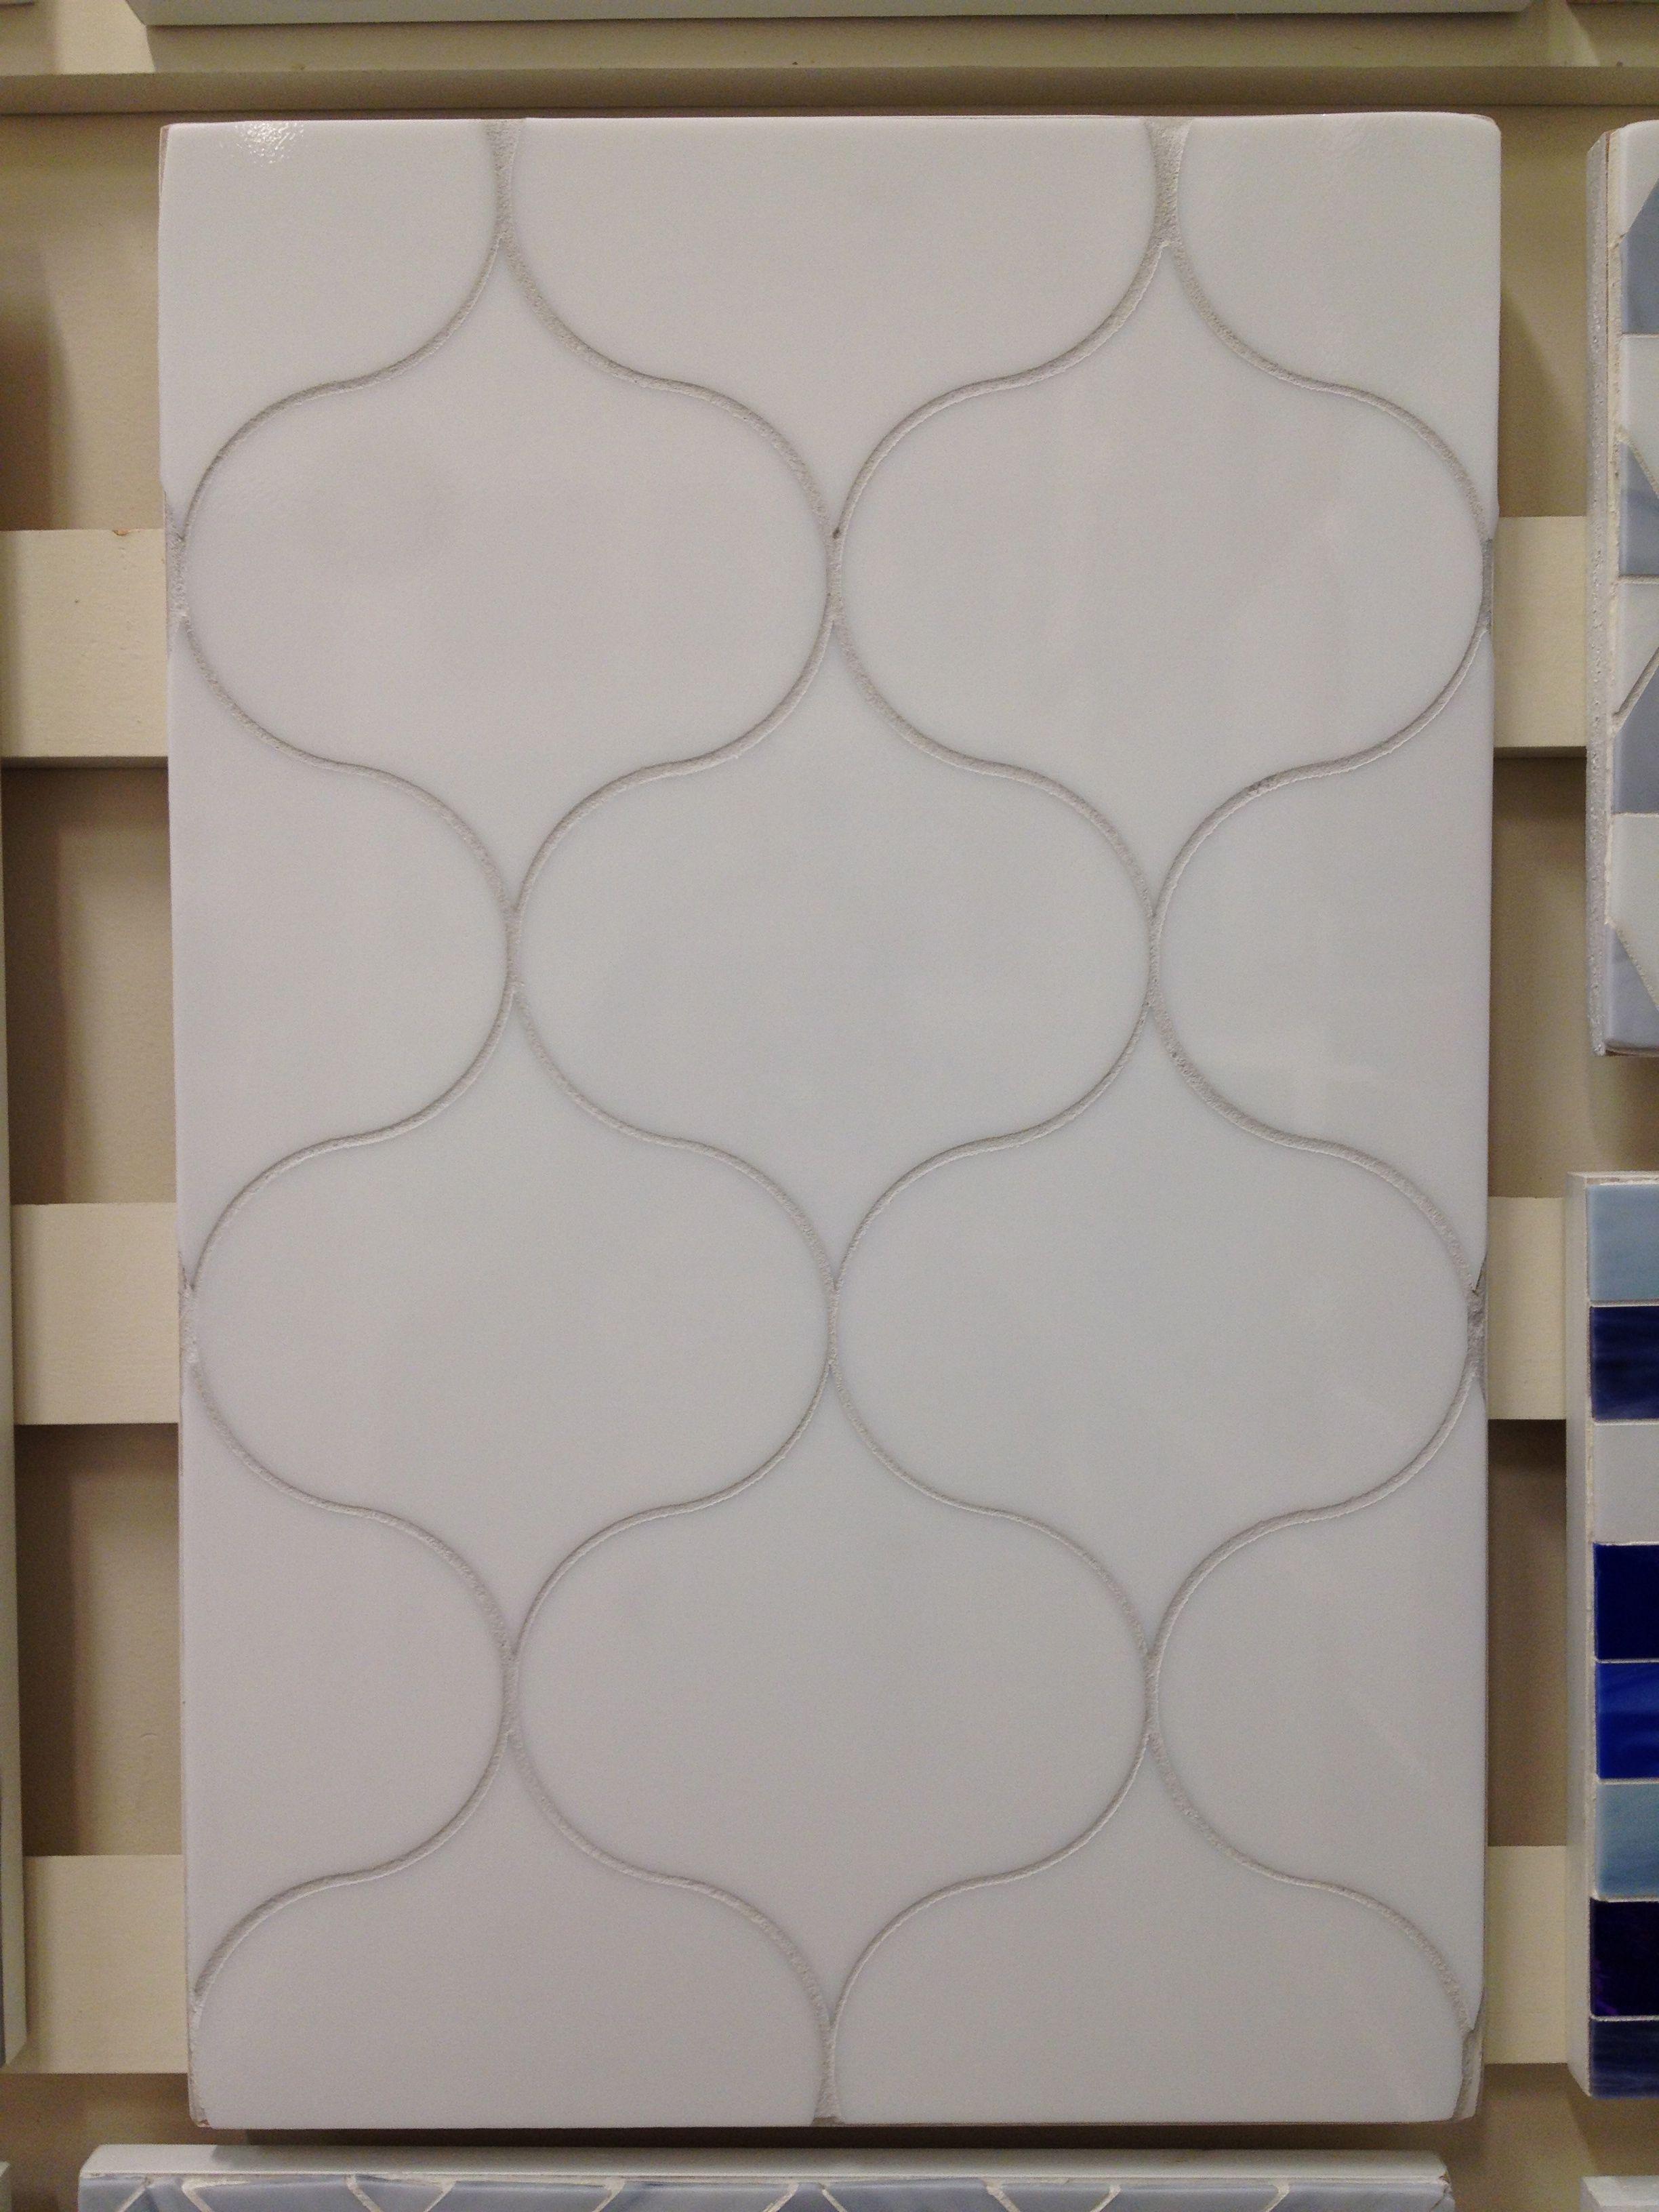 This crisp white ogee pattern backsplash tile looks easy to install